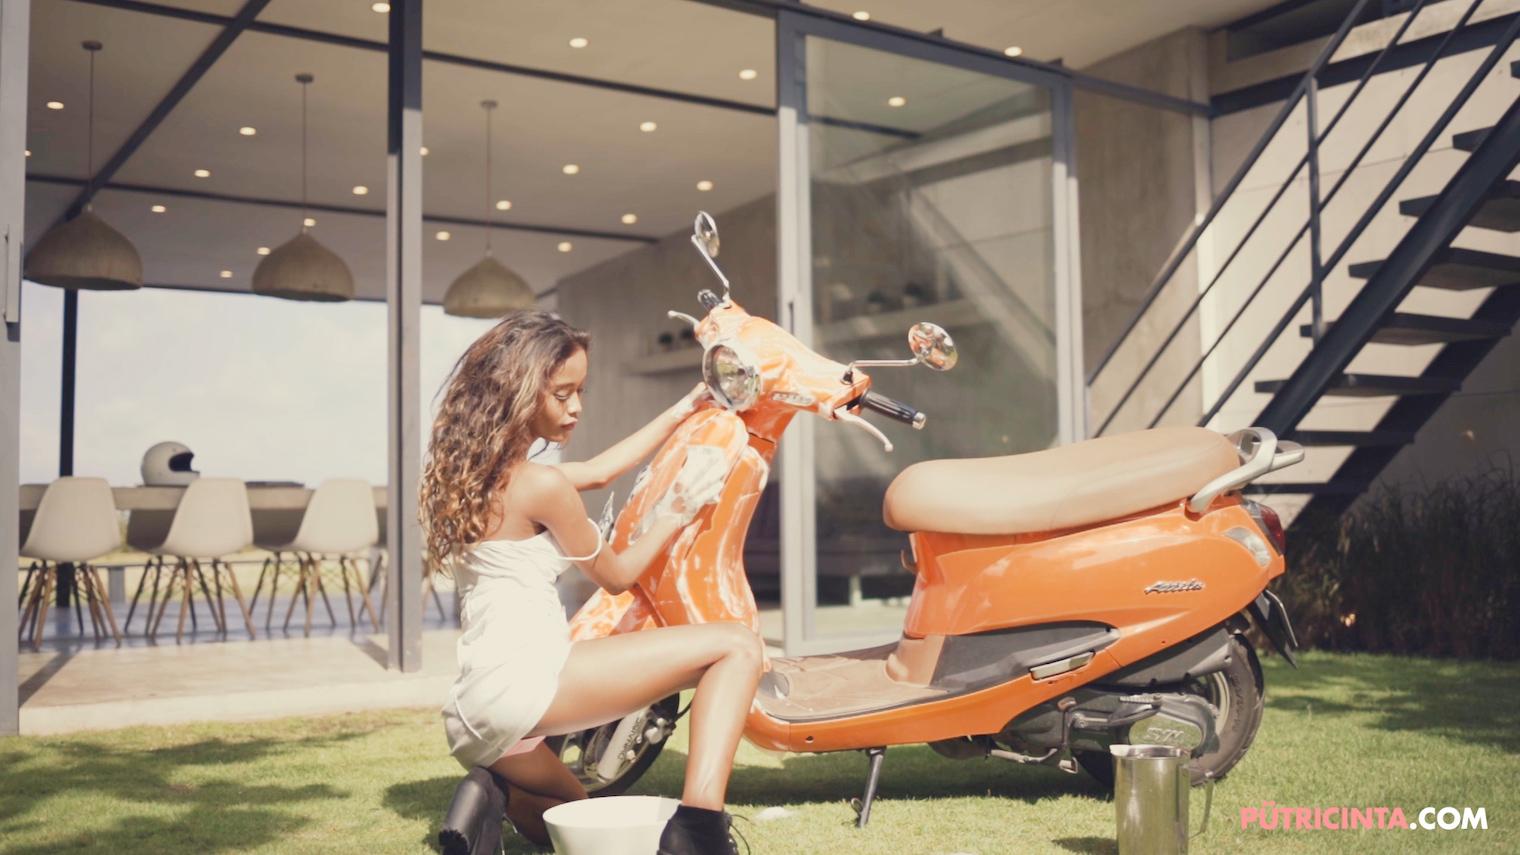 025-BikeWash-Putri-Cinta-Teaser-Stills-16.jpg